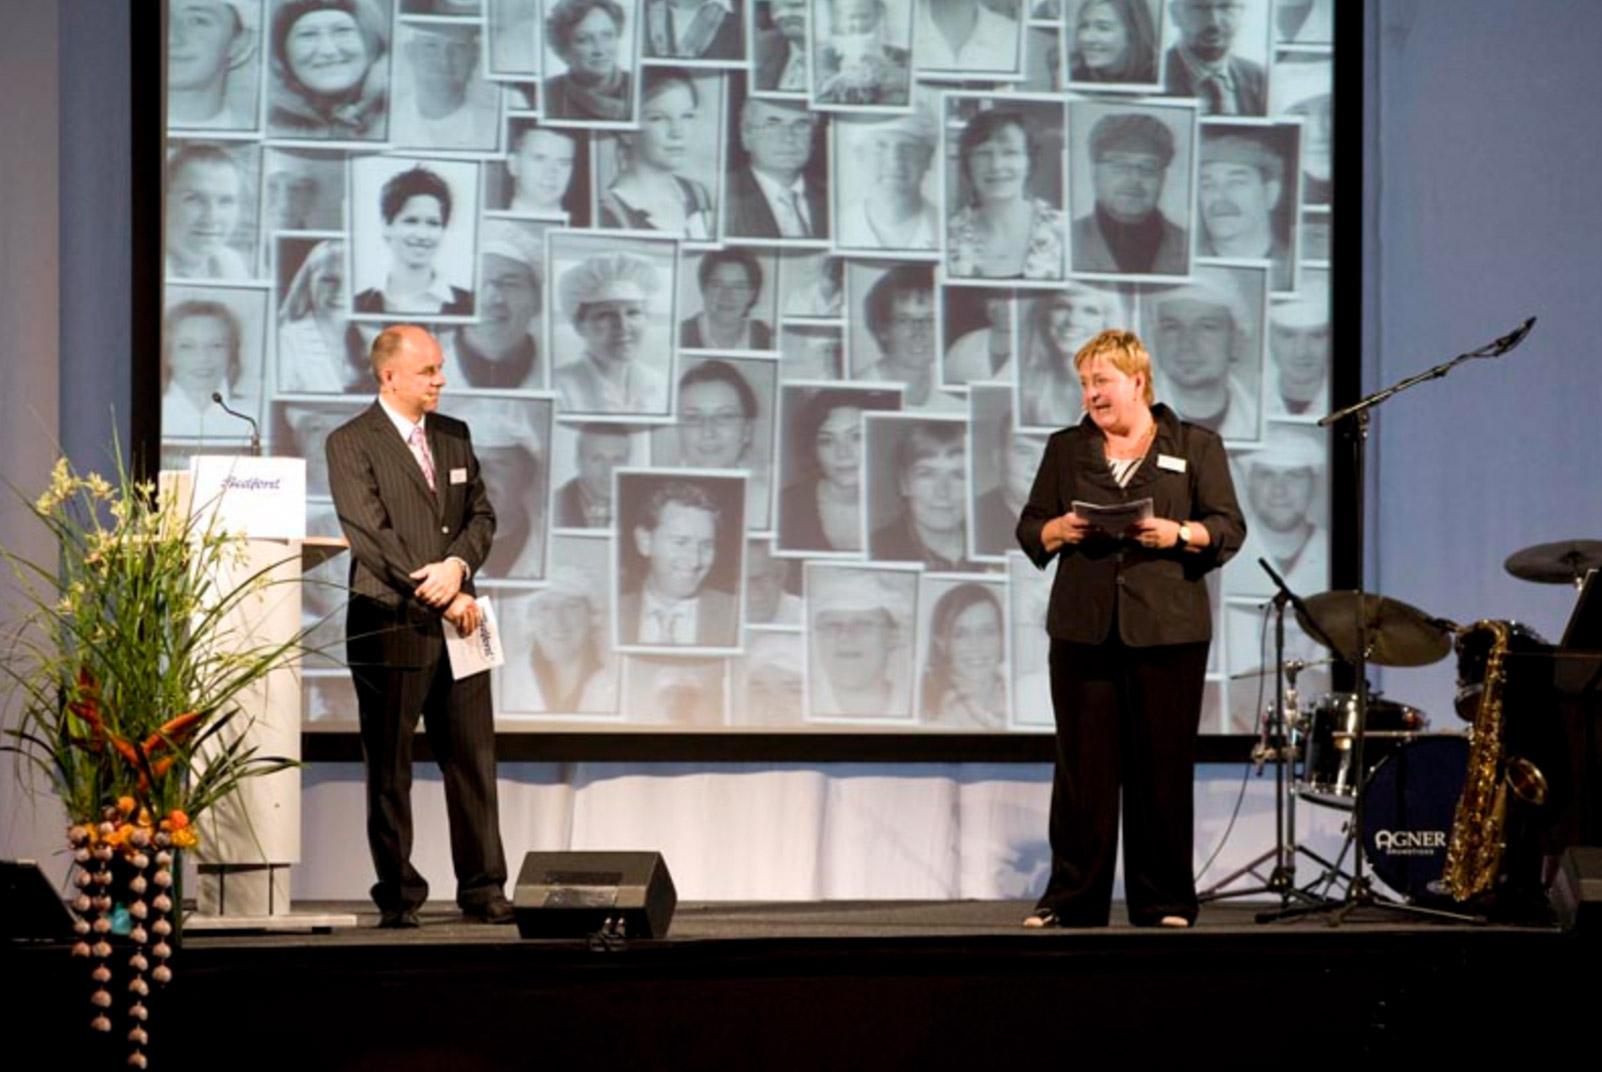 ein Mann und eine Frau auf einer Bühne halten eine Rede